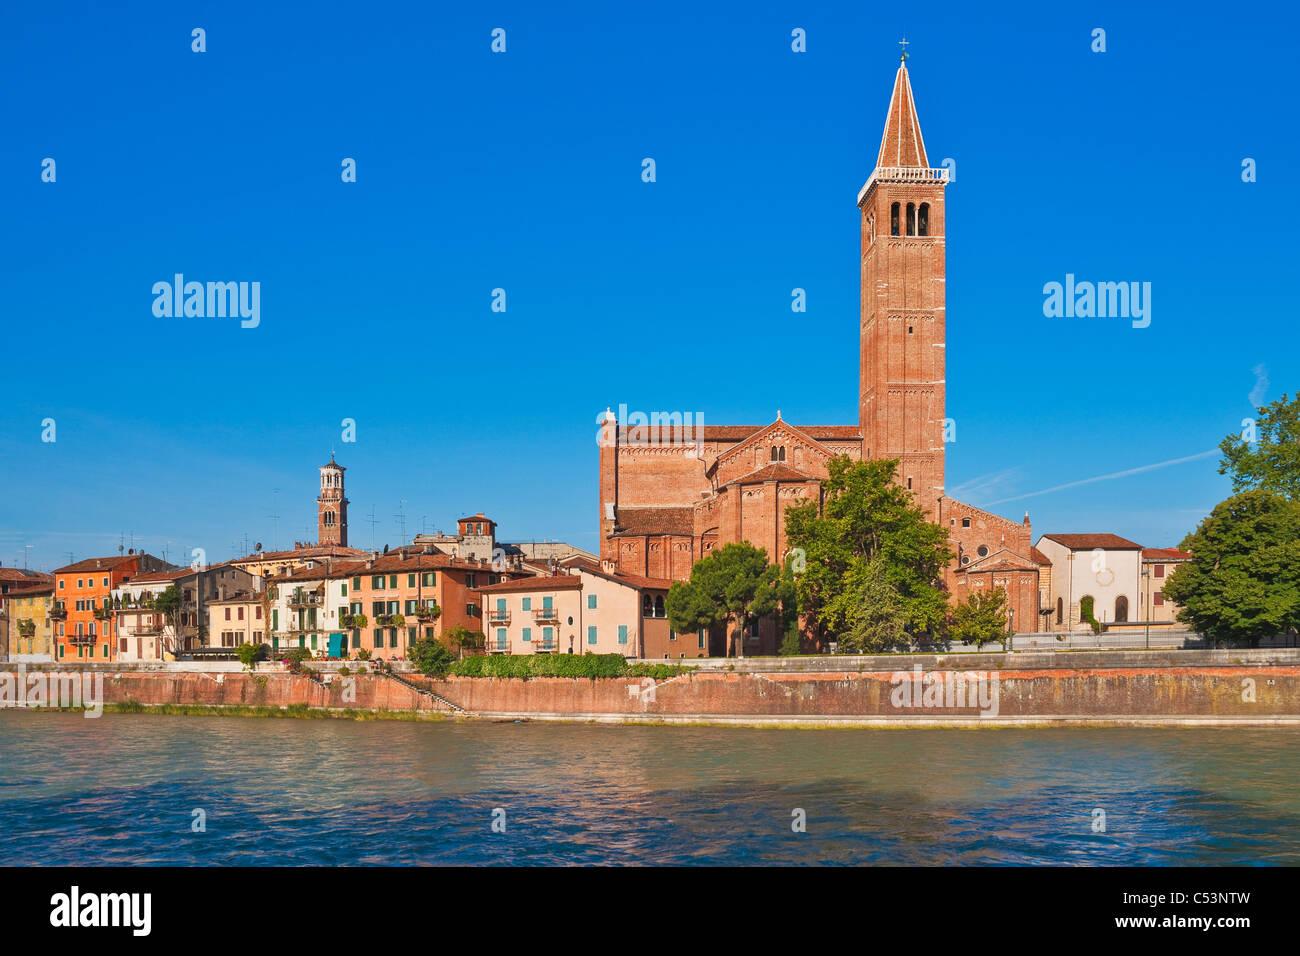 Verona, Italien | Verona, Italien Stockbild